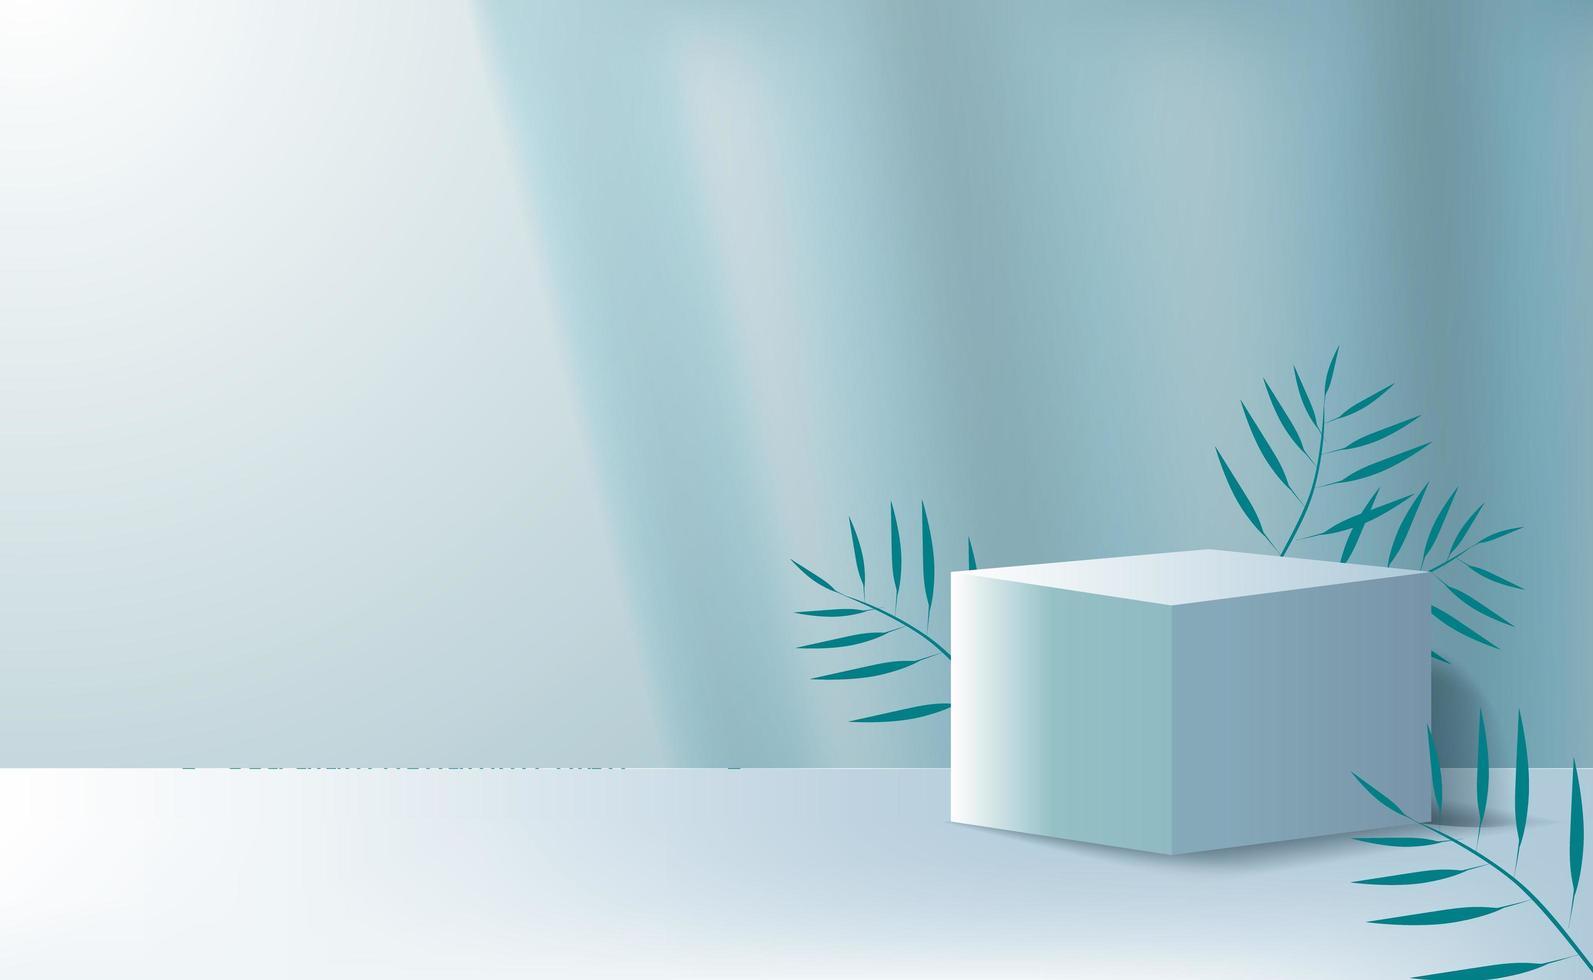 3D-Würfel-Minimalismus für Produktplatzierungswerbung vektor